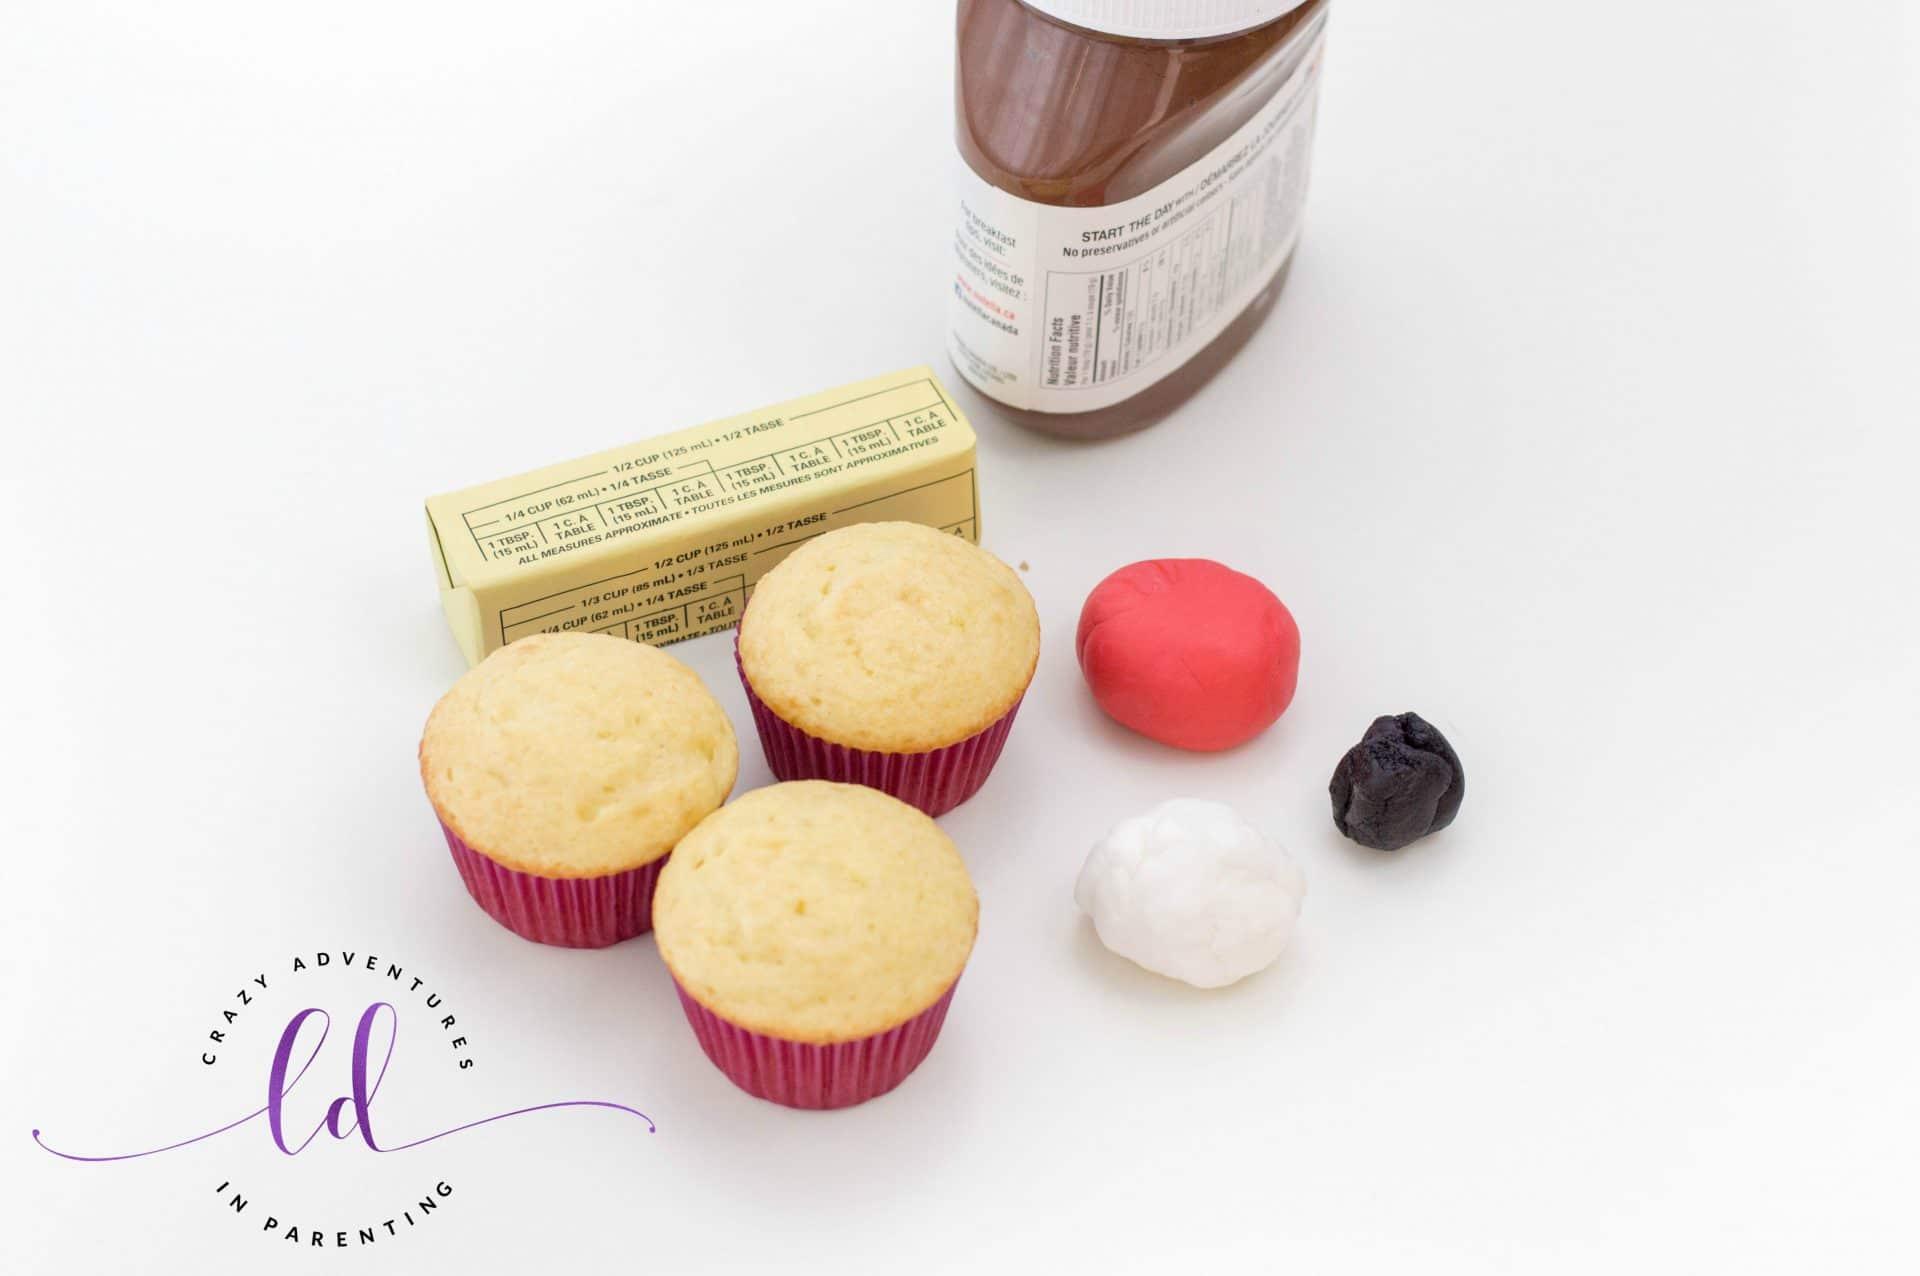 Ingredients to Make Poop Emoji Cupcakes